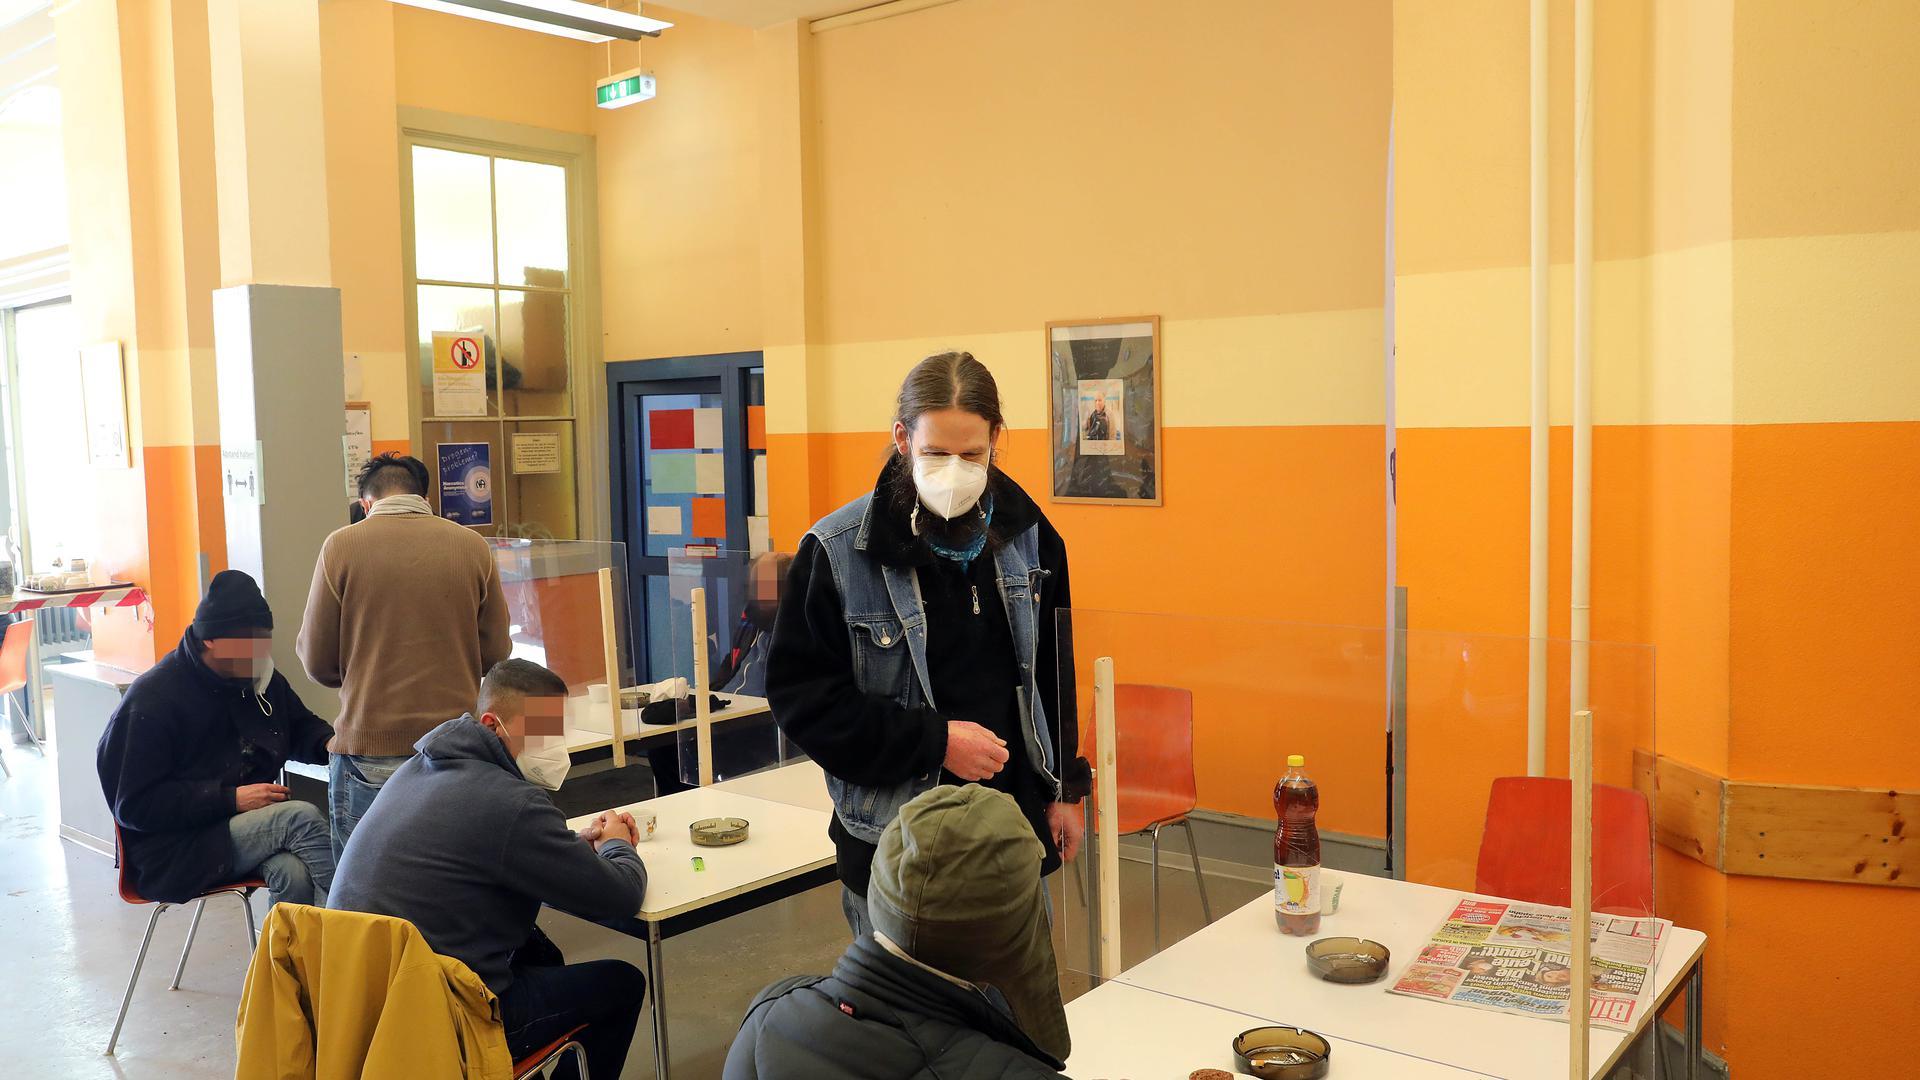 """im Tagestreff """"Tür"""" der Diakonie bekommen Obdachlose eine warme Mahlzeit."""